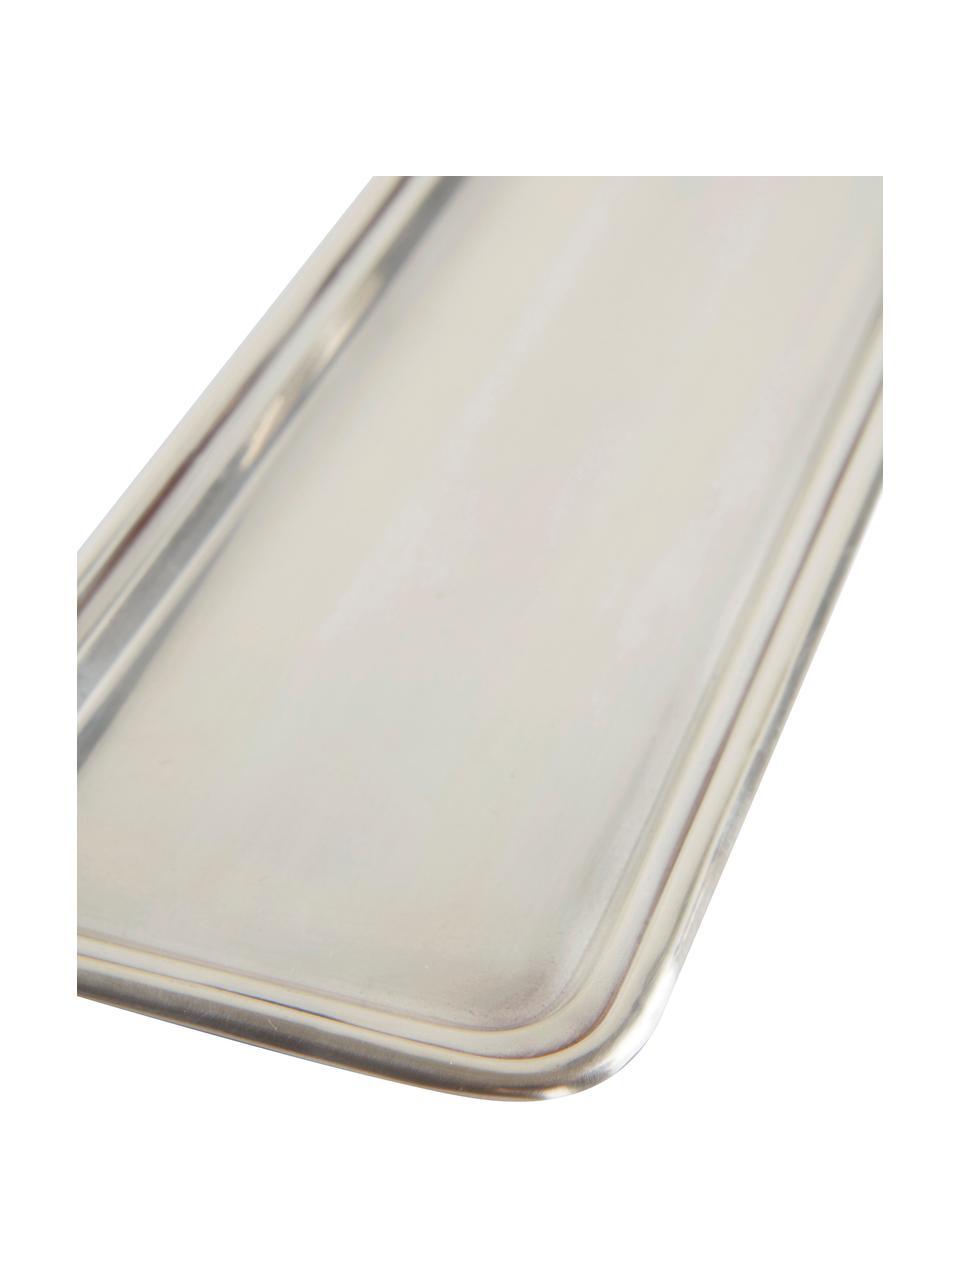 Tablett Zoe, Metall, Silberfarben, B 34 x T 13 cm